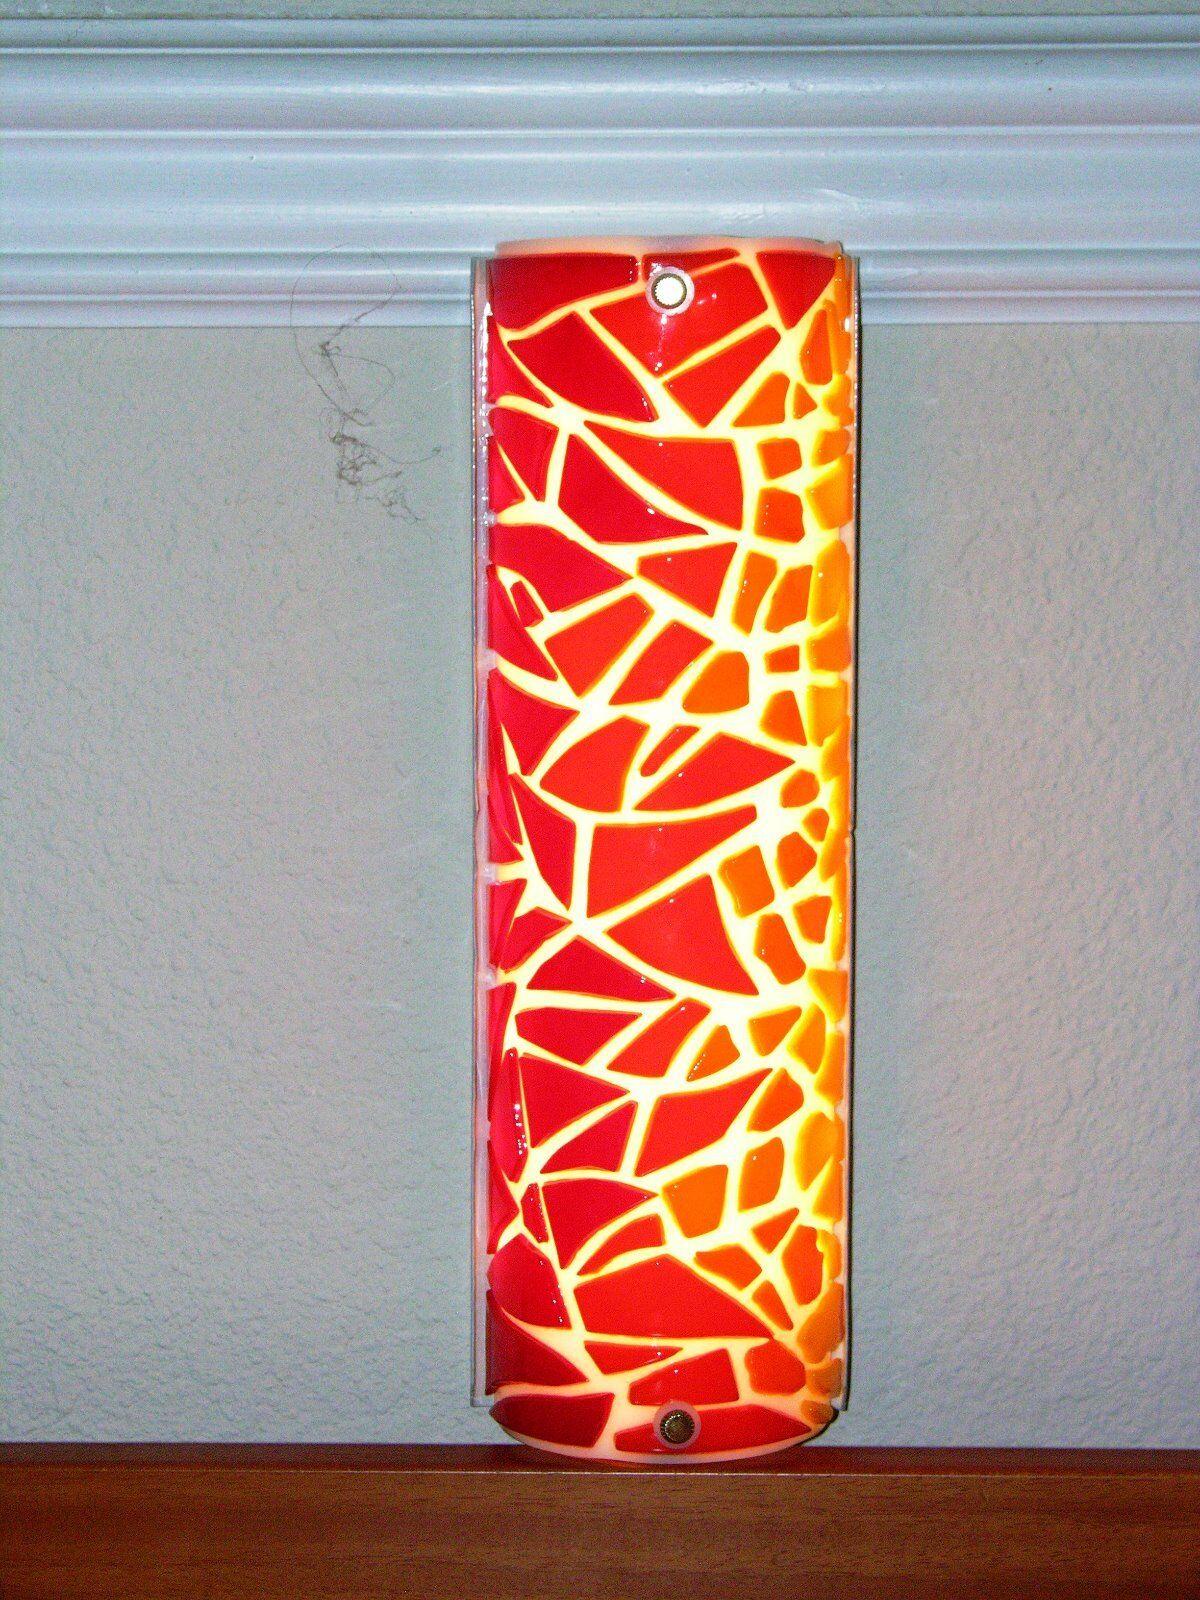 Inusual Hecho A Mano Led Luz De Noche  llama  con Original Vidrio Fundido Sombra